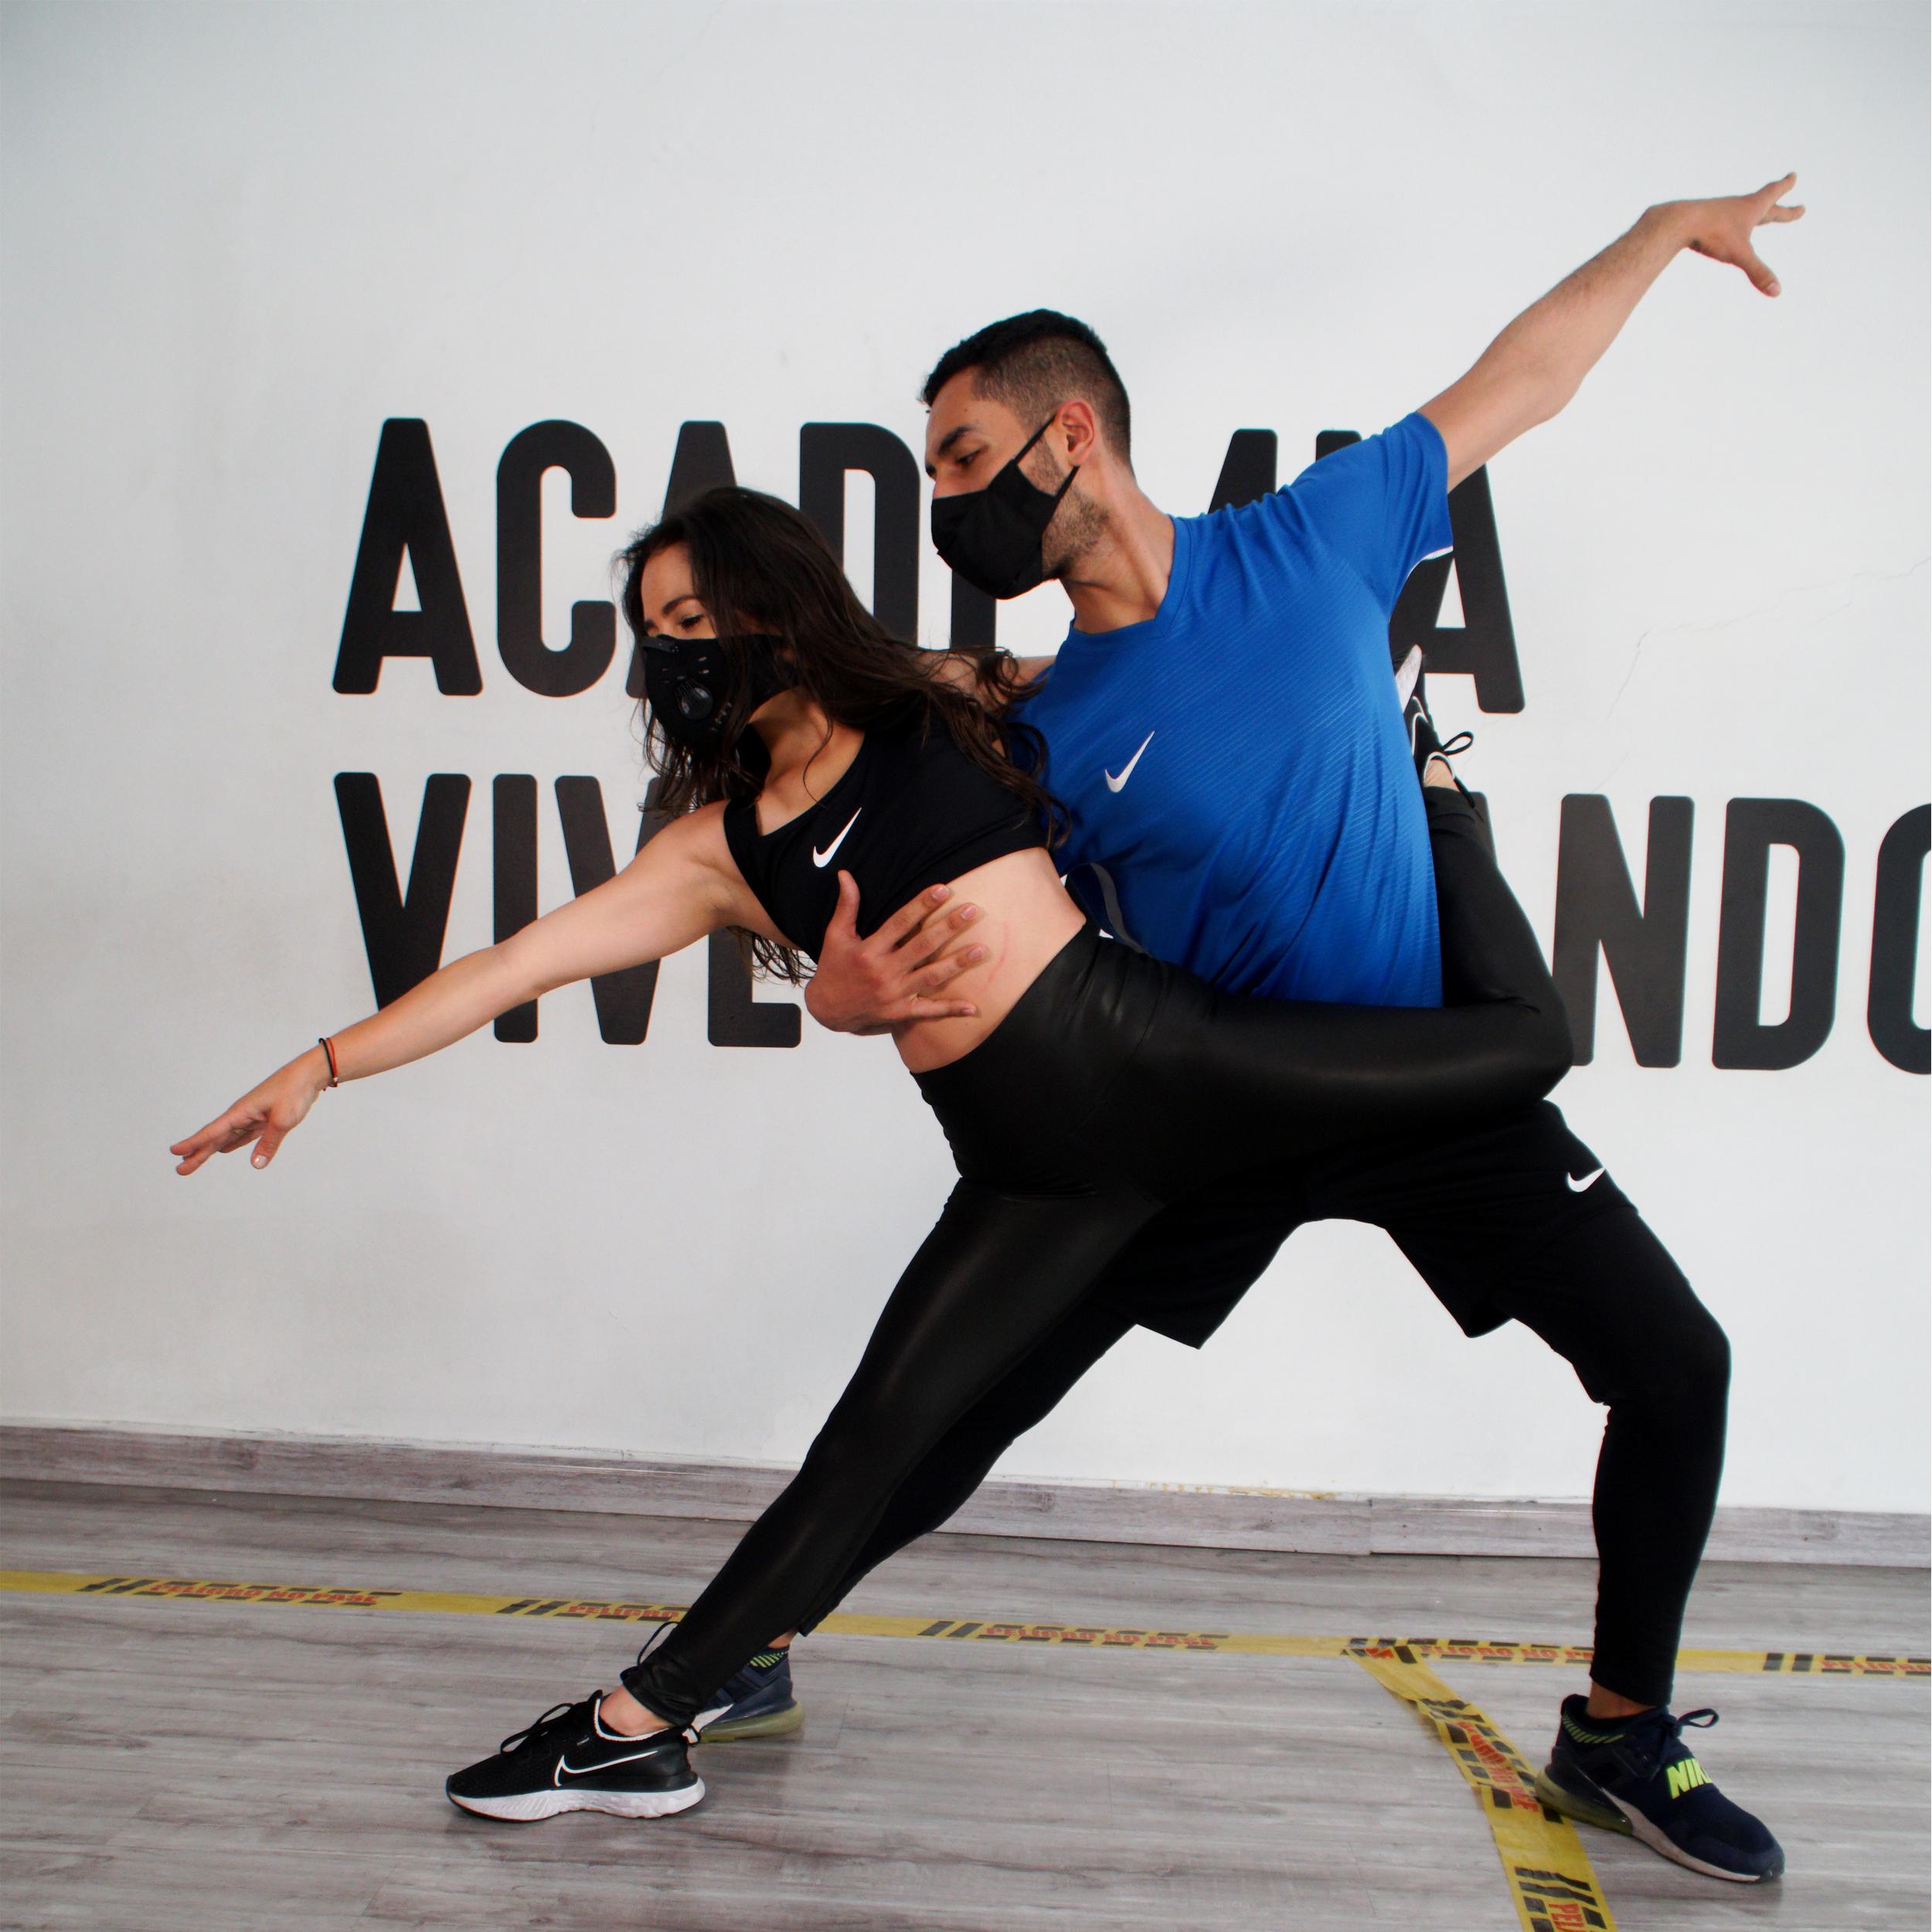 Imagen que muestra una pareja tomando clases de baile.